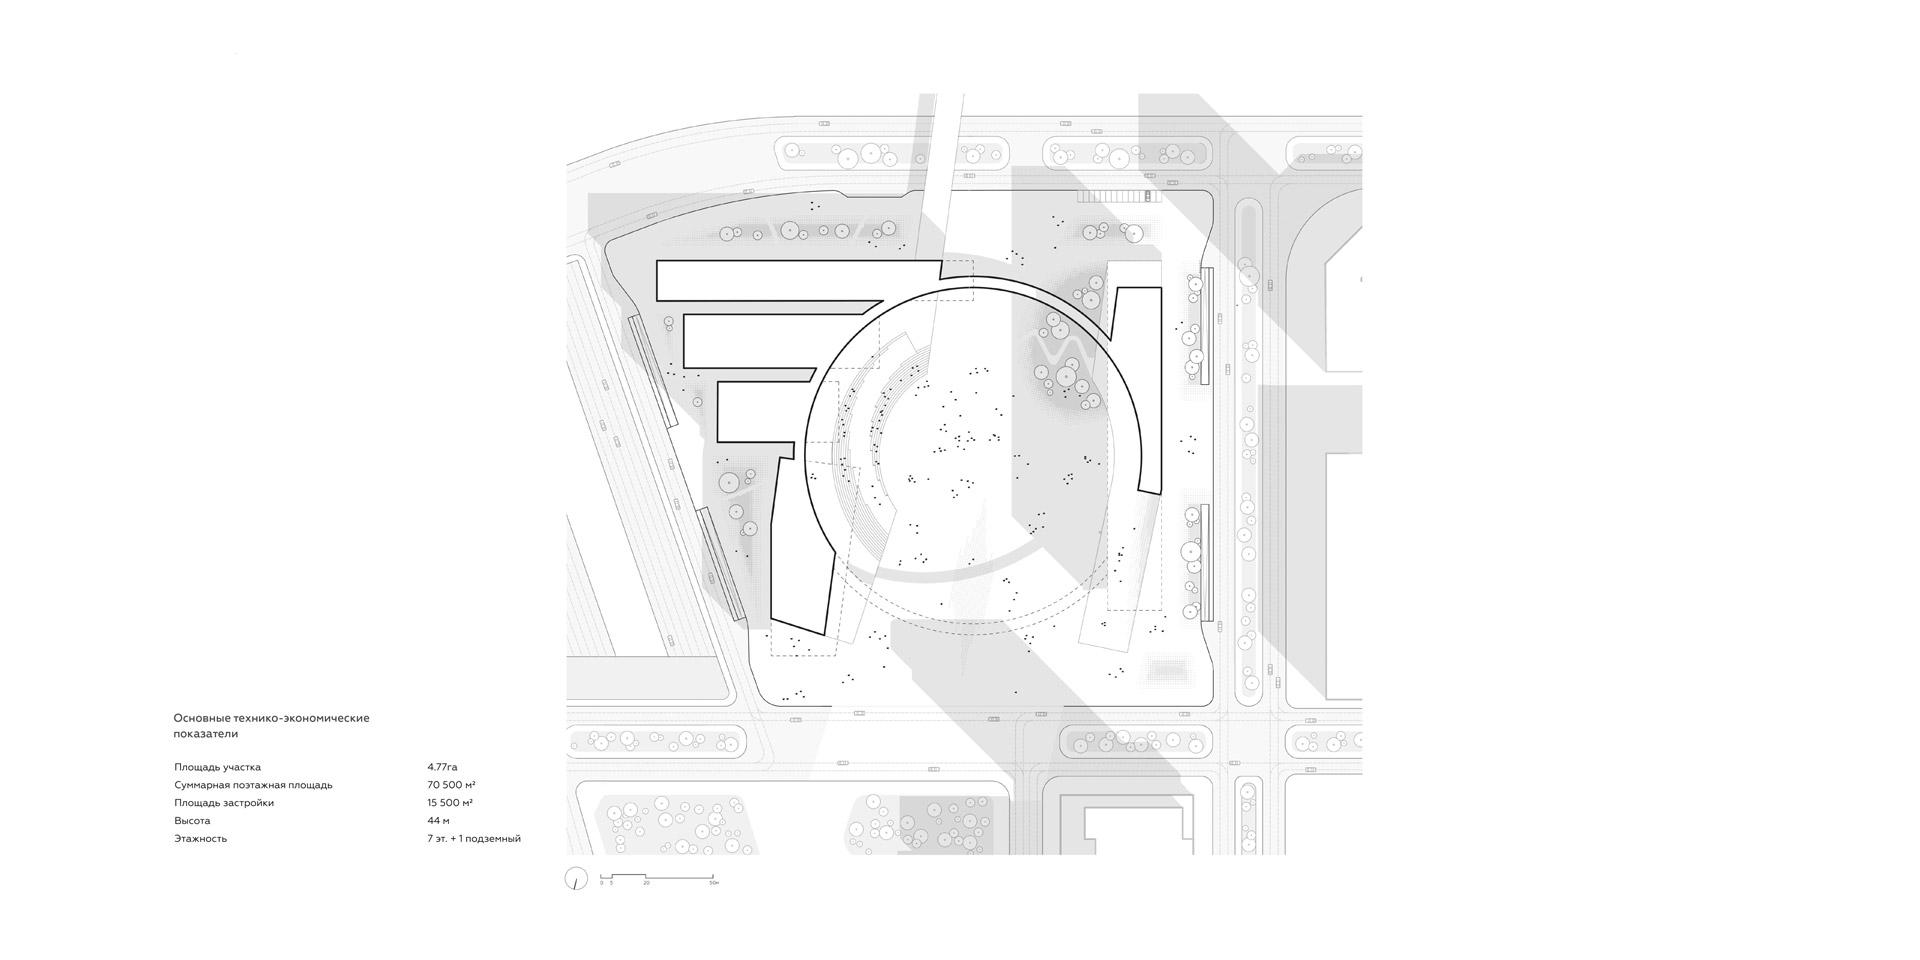 Концепция депозитарно-выставочного комплекса